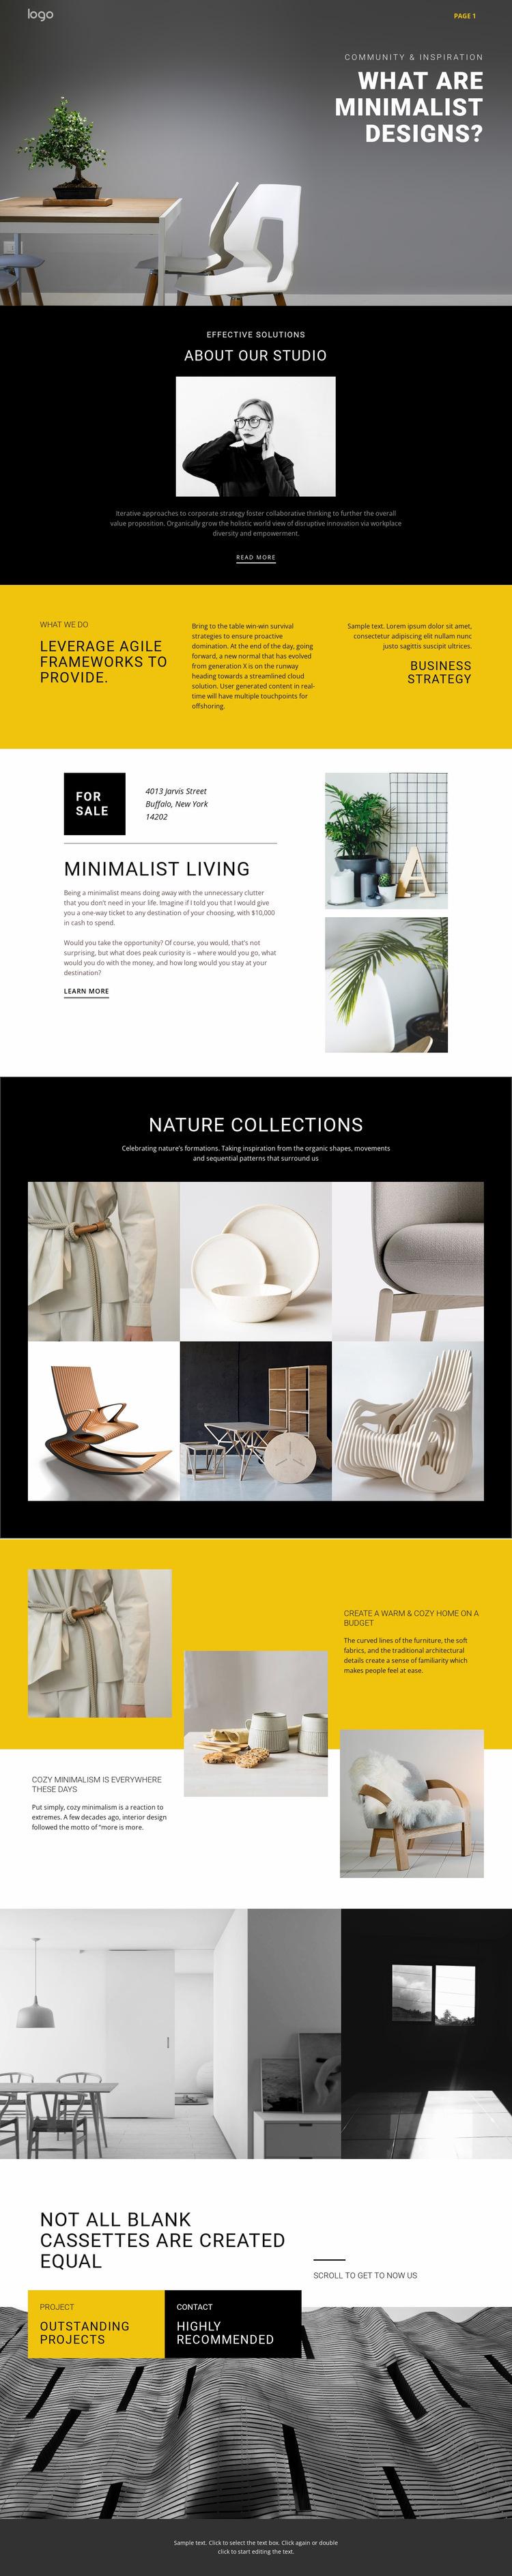 Minimalist designer interiors Website Builder